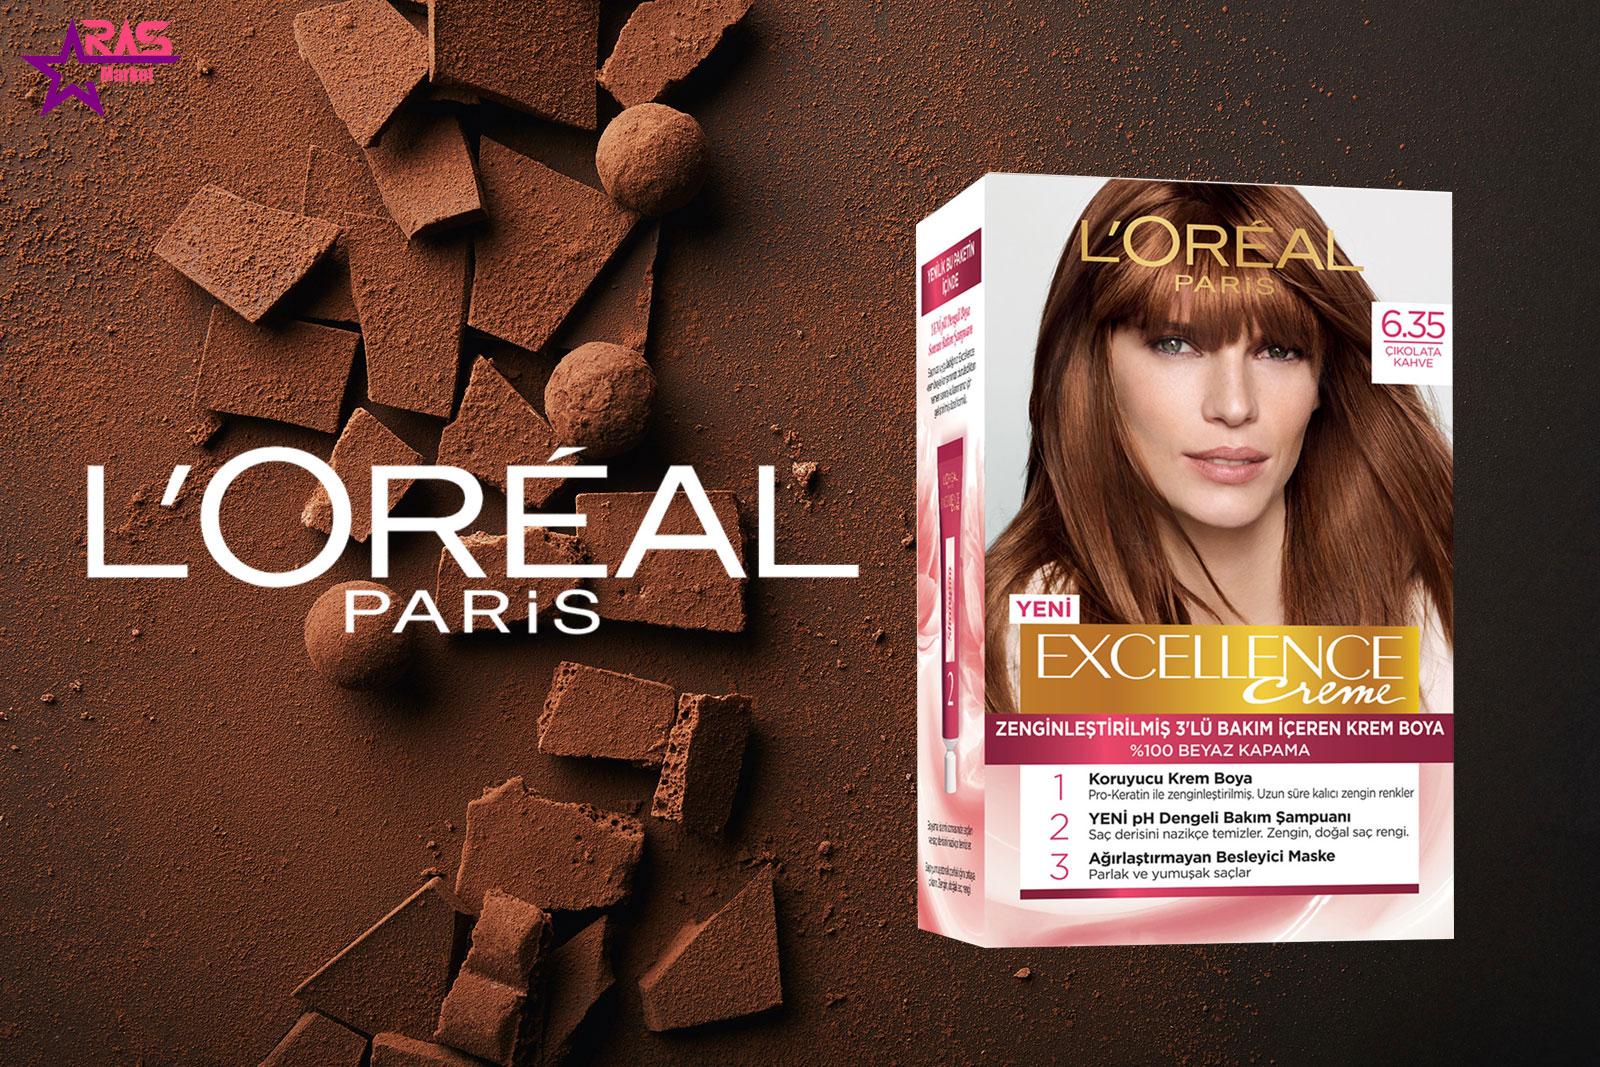 کیت رنگ مو لورآل سری Excellence شماره 6.35 ، خرید اینترنتی محصولات شوینده و بهداشتی ، بهداشت بانوان ، رنگ موی زنانه